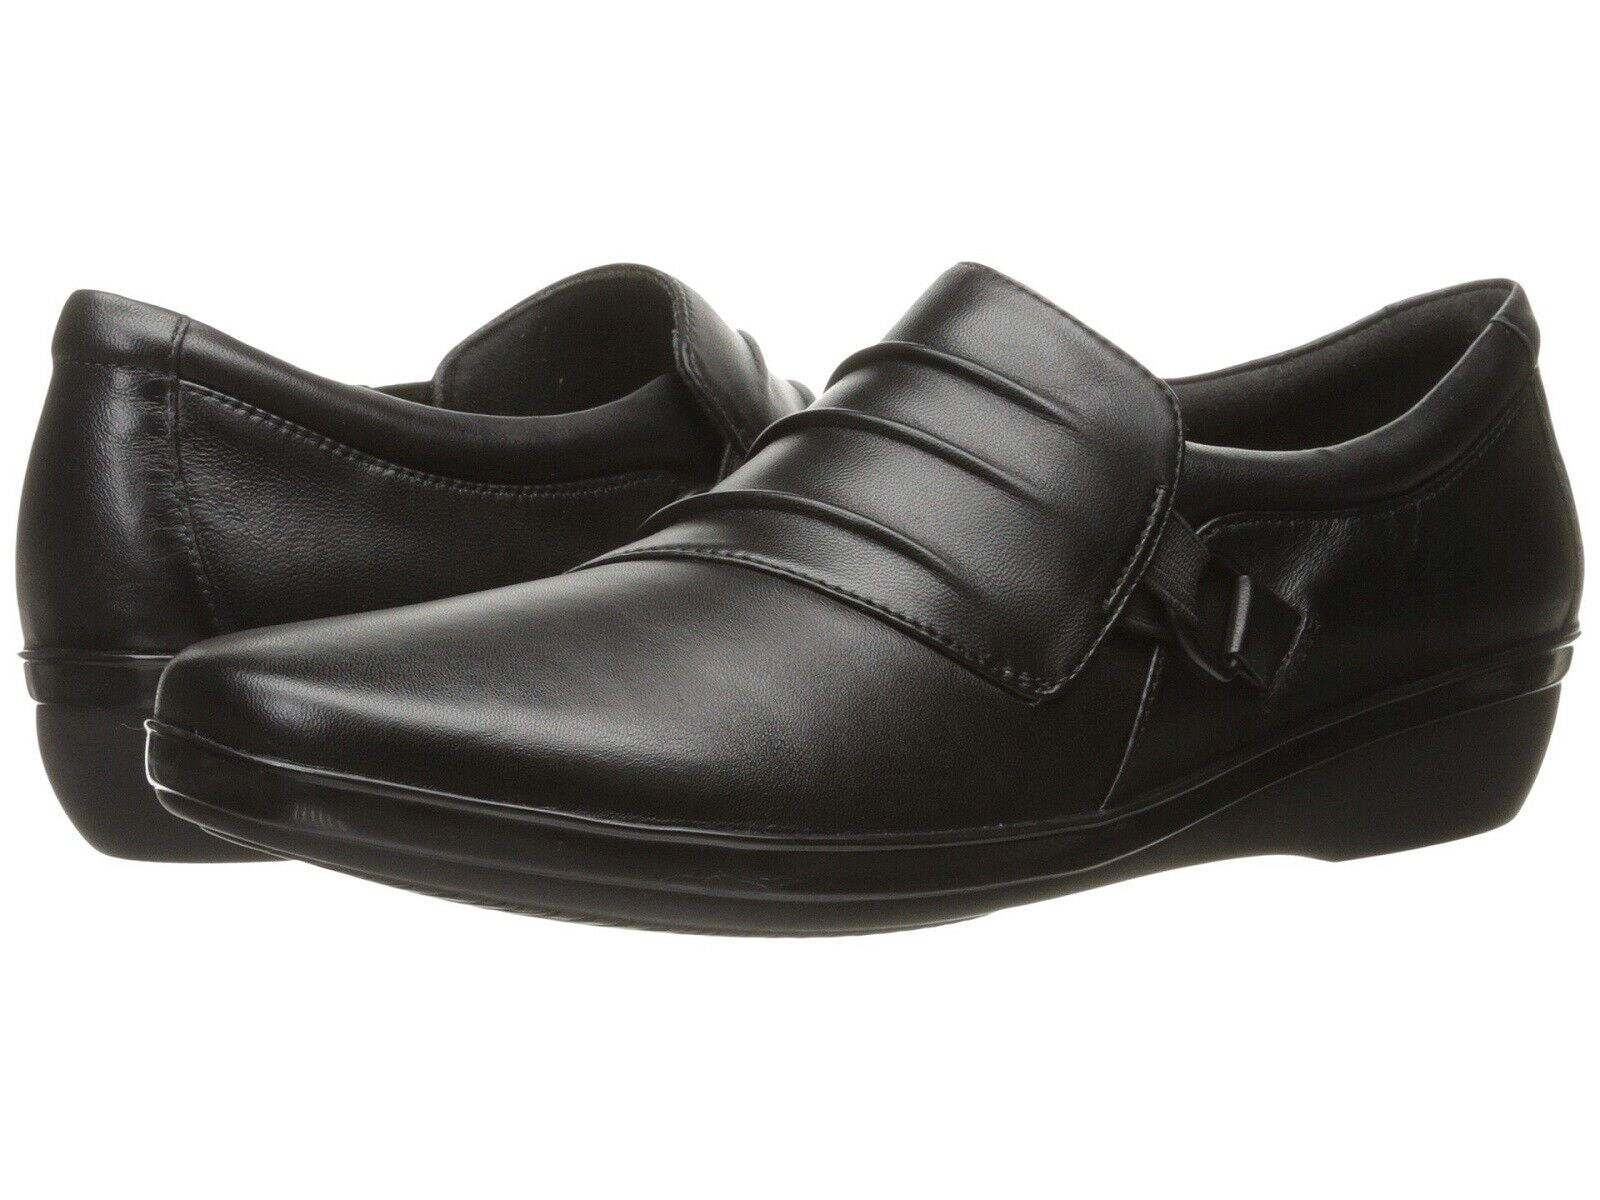 CLARKS Ladies EVERLAY HEIDI HEIDI HEIDI Loafers BLACK Leather Sz. 10 M  NIB 19702b